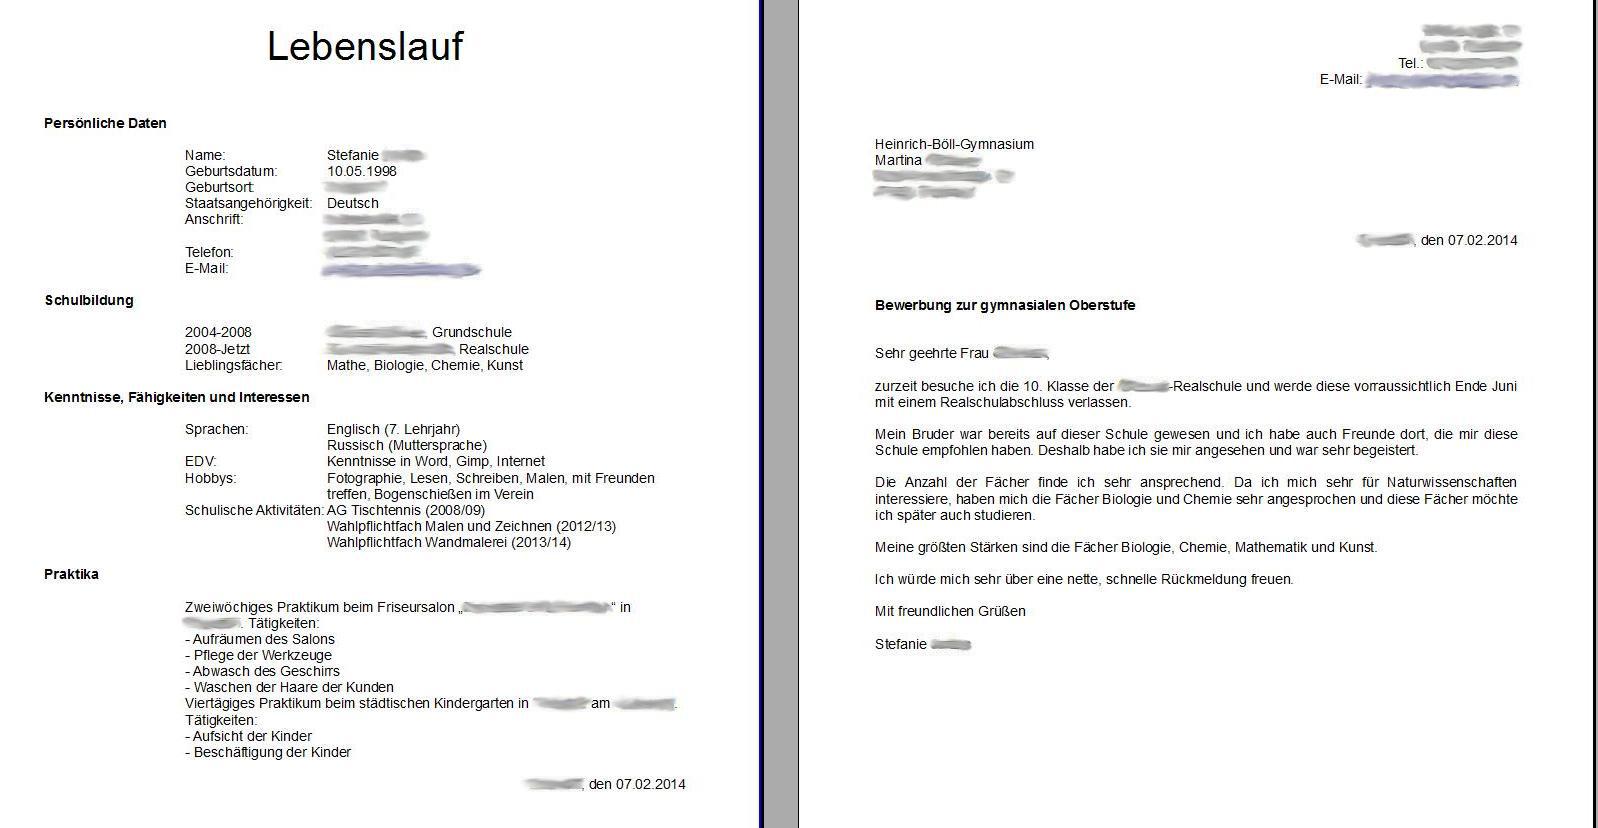 Schön Föderale Lebenslauf Schreiben Dienstleistungen Dc ...